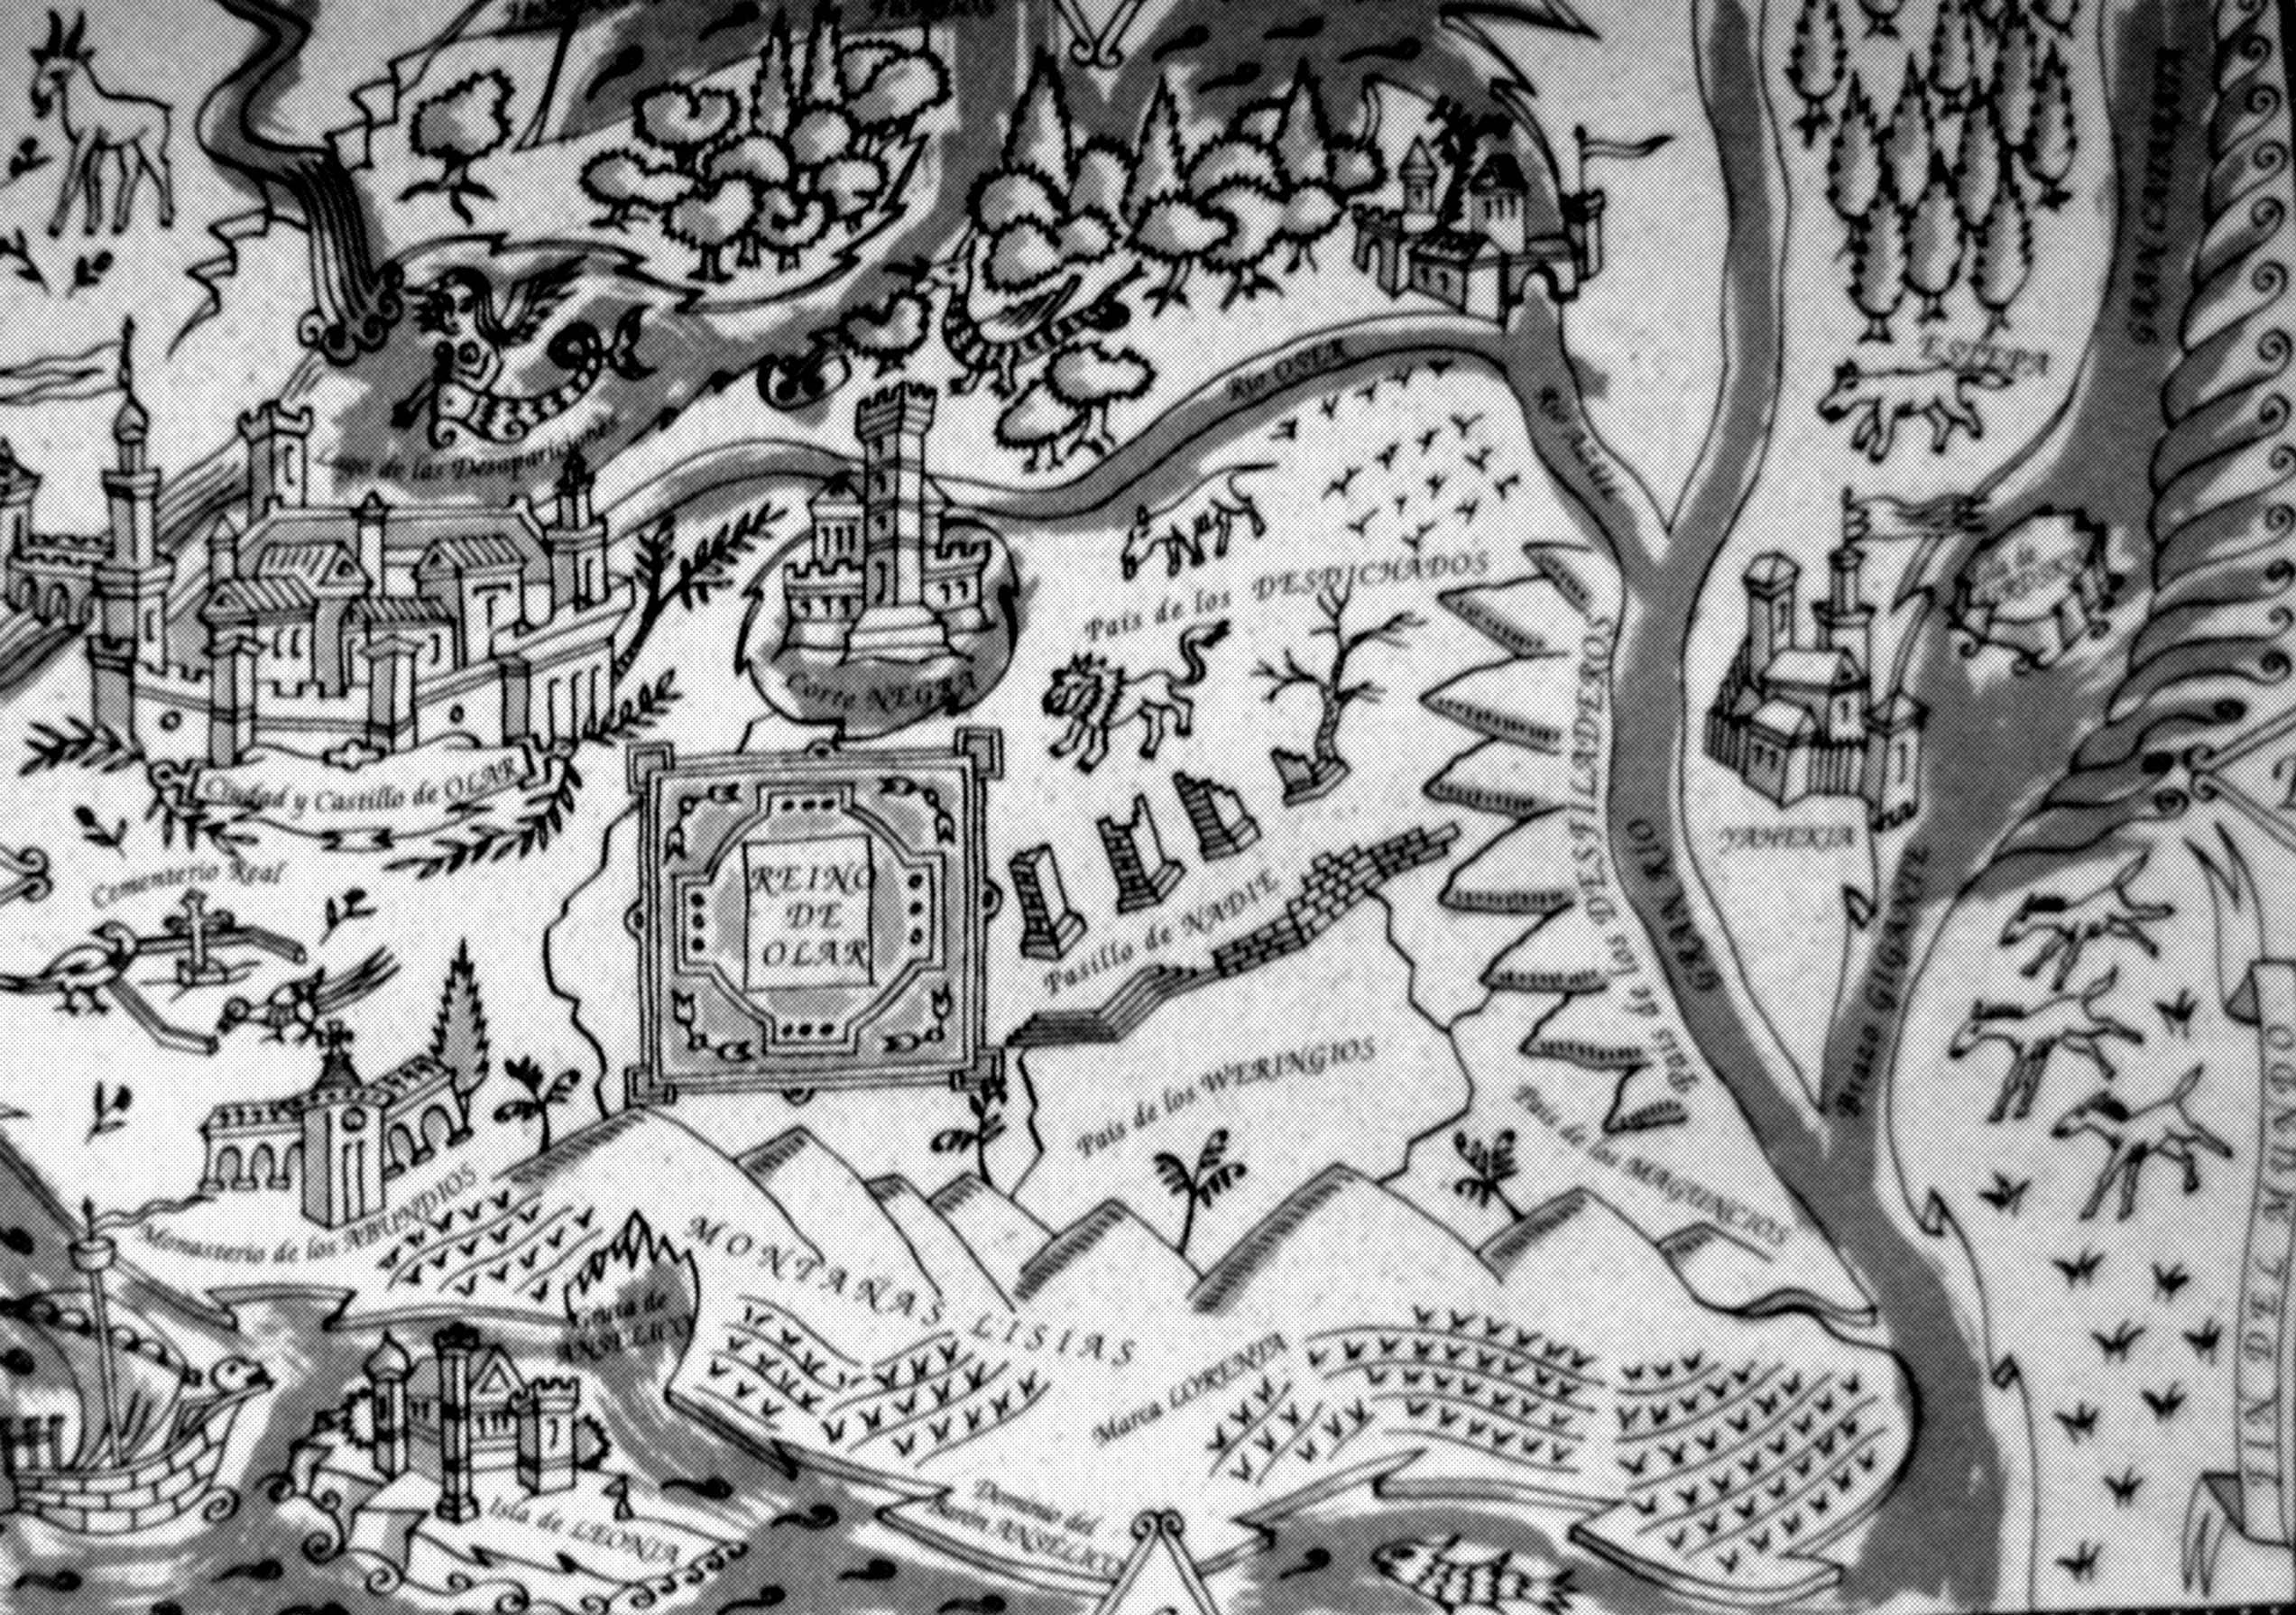 Mapa del reino de Olar